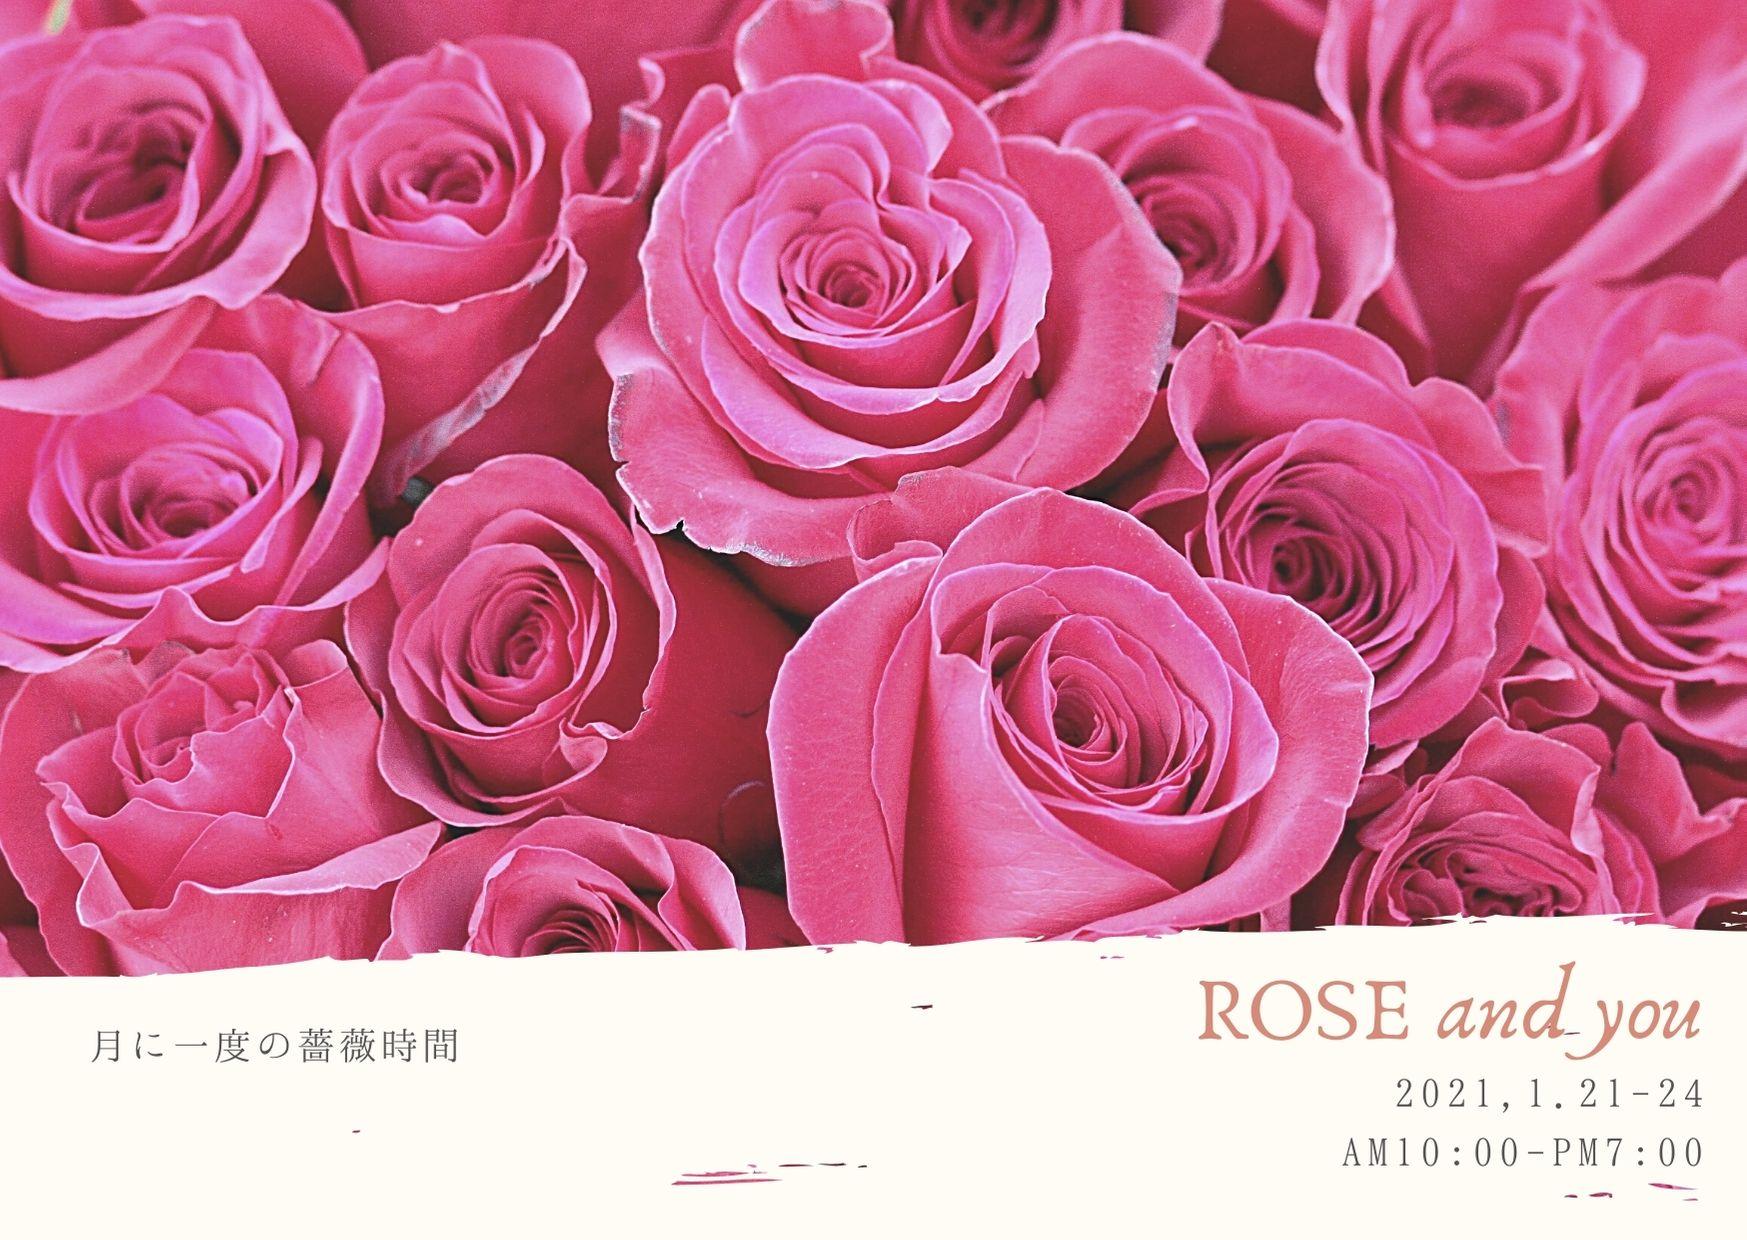 1月21日,22日,23日,24日/ROSE and you